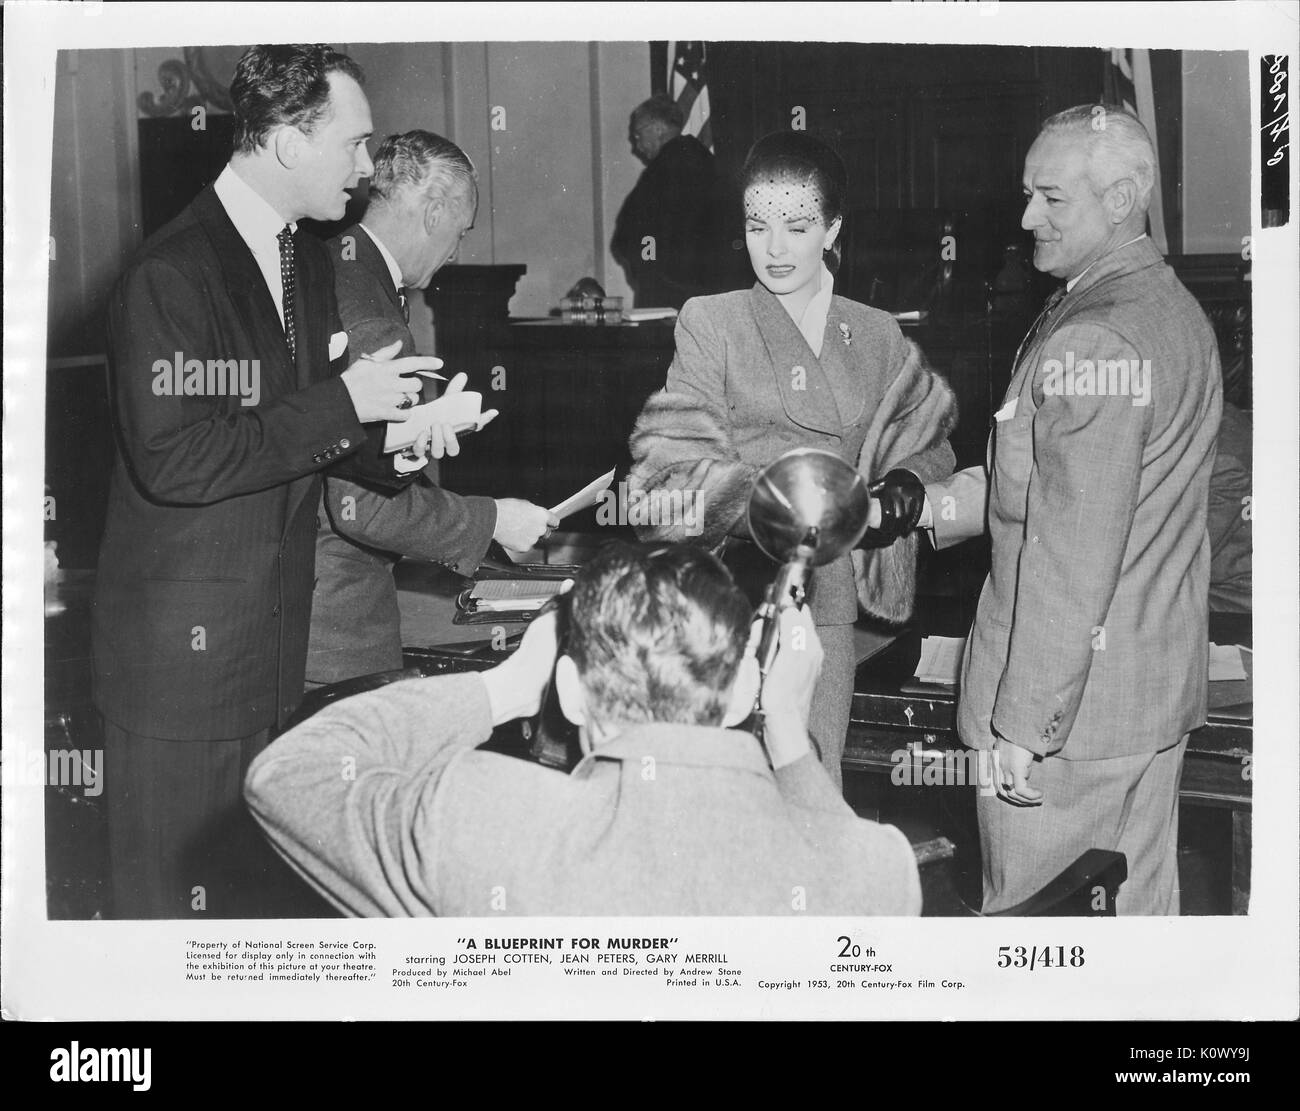 """Encore une scène de film 'un plan de meurtre"""" (1953 20th Century Fox Film thriller), montrant une femme élégante d'être interviewé et photographié par certaines personnes de la presse alors qu'elle s'accrocher à un homme avec des cheveux blancs pour un soutien moral, 1953. Photo Stock"""